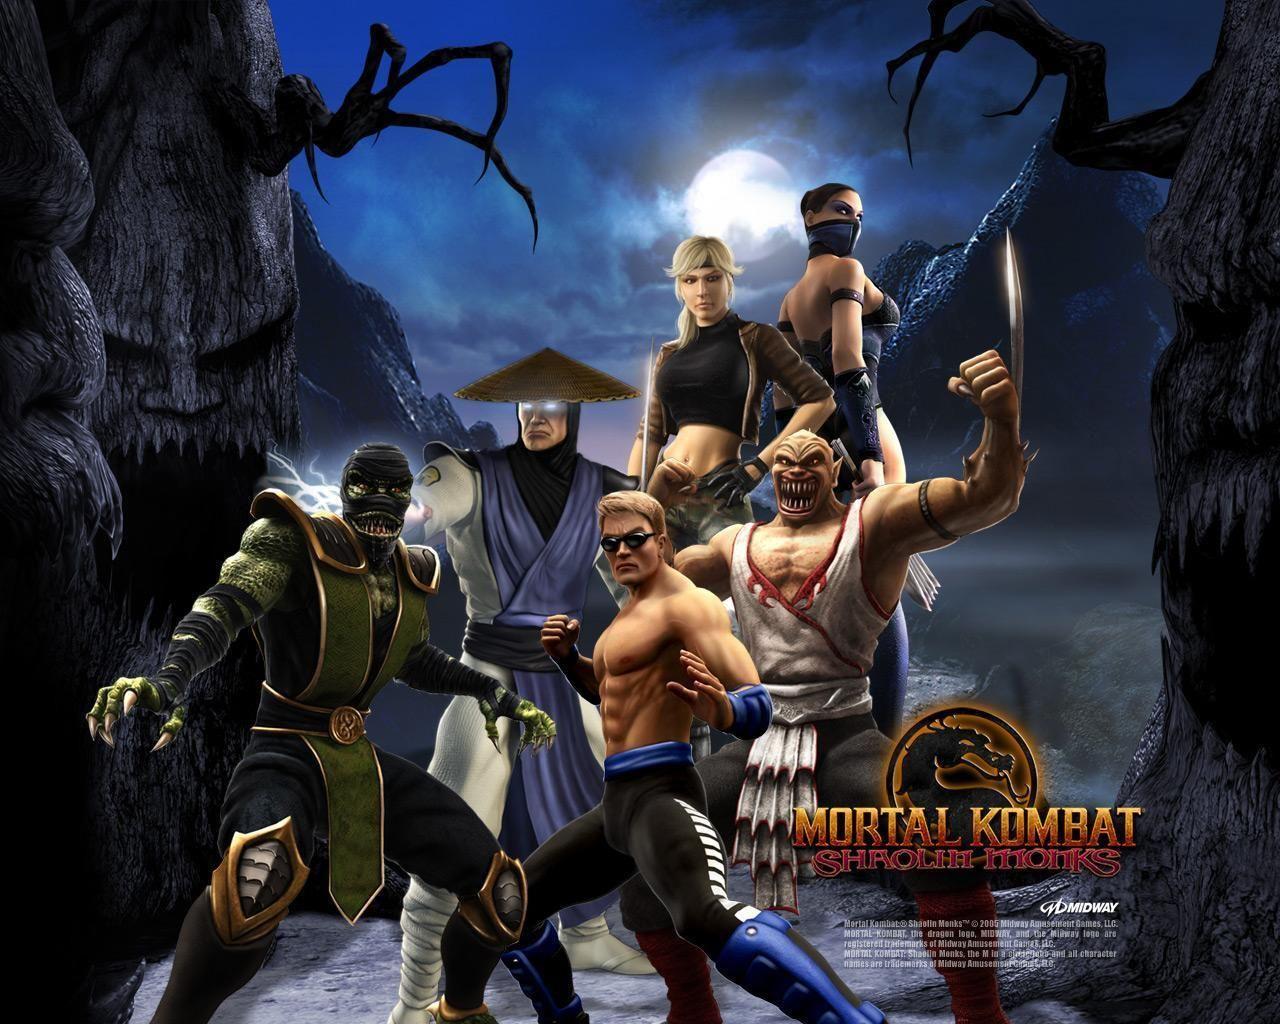 Mortal Kombat Shaolin Monks Shaolin Monks Mortal Kombat